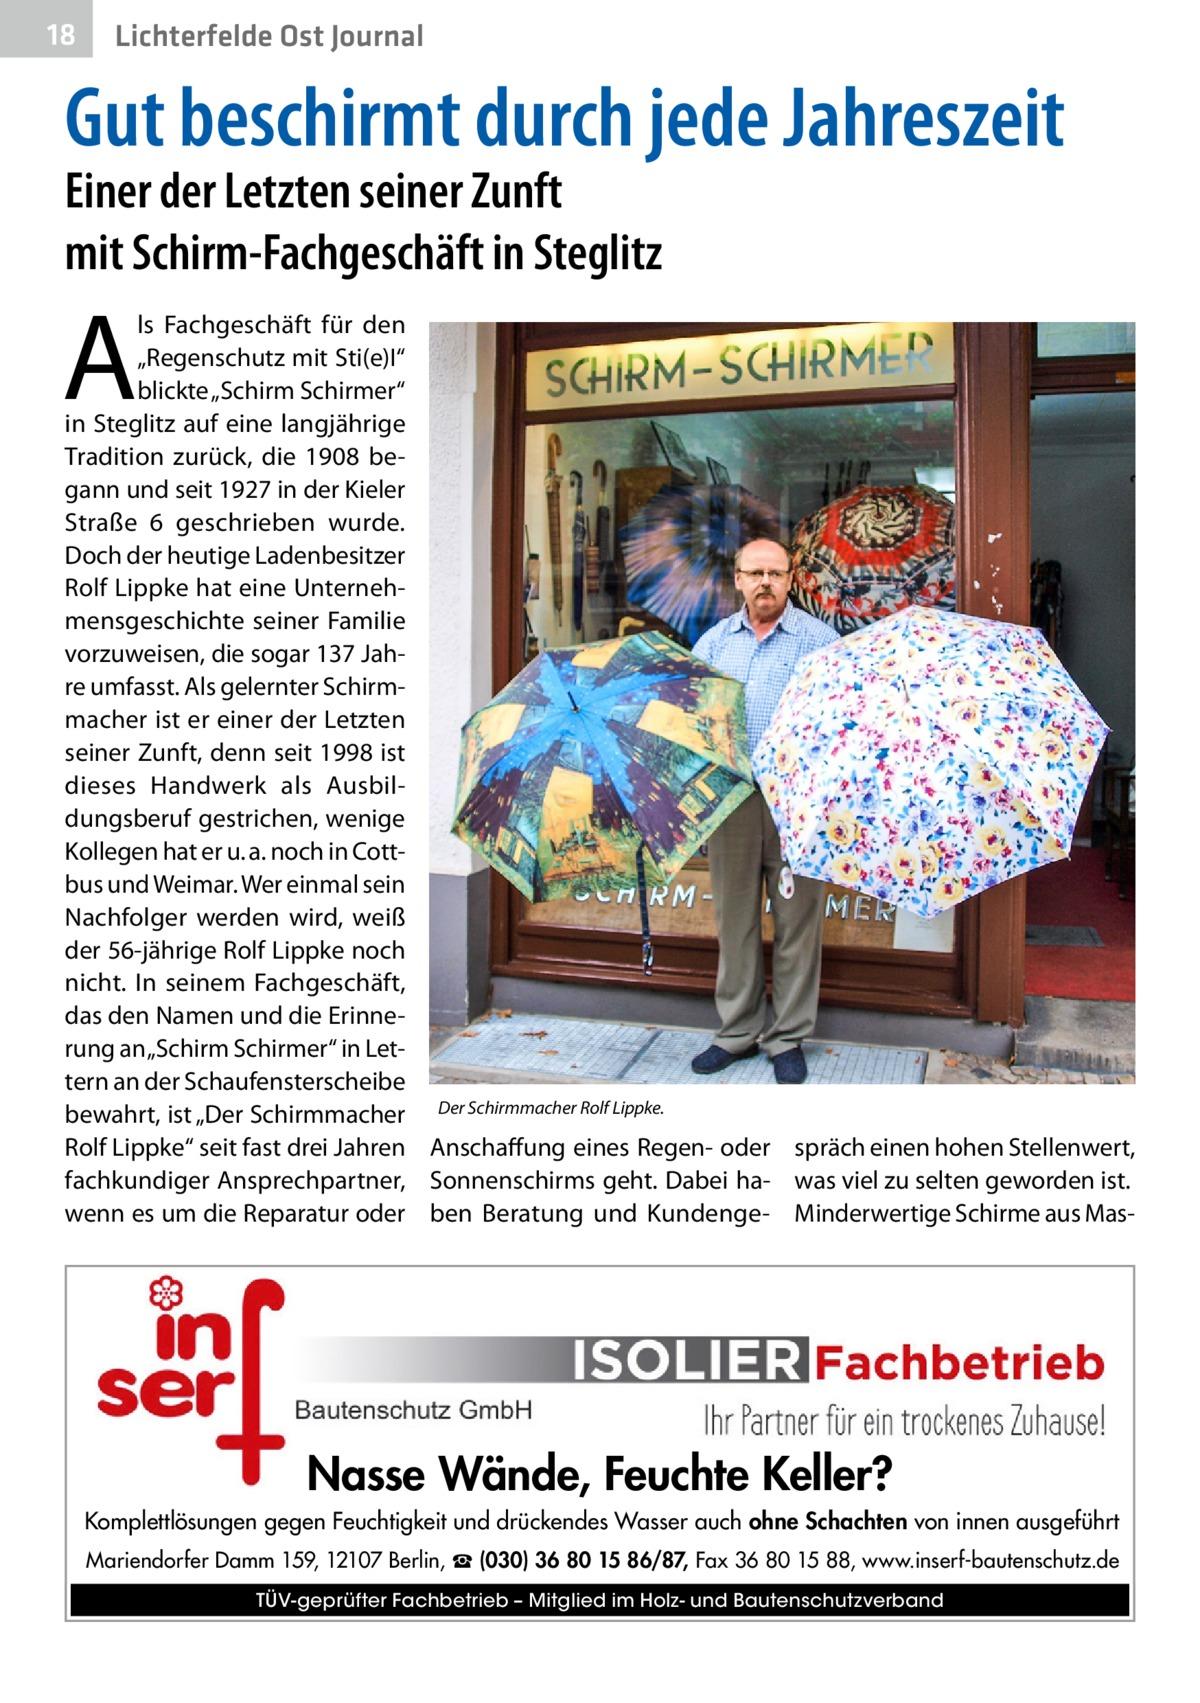 """18  Lichterfelde Ost Journal  Gut beschirmt durch jede Jahreszeit Einer der Letzten seiner Zunft mit Schirm-Fachgeschäft in Steglitz  A  ls Fachgeschäft für den """"Regenschutz mit Sti(e)I"""" blickte """"Schirm Schirmer"""" in Steglitz auf eine langjährige Tradition zurück, die 1908 begann und seit 1927 in der Kieler Straße 6 geschrieben wurde. Doch der heutige Ladenbesitzer Rolf Lippke hat eine Unternehmensgeschichte seiner Familie vorzuweisen, die sogar 137Jahre umfasst. Als gelernter Schirmmacher ist er einer der Letzten seiner Zunft, denn seit 1998 ist dieses Handwerk als Ausbildungsberuf gestrichen, wenige Kollegen hat er u.a. noch in Cottbus und Weimar. Wer einmal sein Nachfolger werden wird, weiß der 56-jährige Rolf Lippke noch nicht. In seinem Fachgeschäft, das den Namen und die Erinnerung an """"Schirm Schirmer"""" in Lettern an der Schaufensterscheibe bewahrt, ist """"Der Schirmmacher Der Schirmmacher Rolf Lippke. Rolf Lippke"""" seit fast drei Jahren Anschaffung eines Regen- oder spräch einen hohen Stellenwert, fachkundiger Ansprechpartner, Sonnenschirms geht. Dabei ha- was viel zu selten geworden ist. wenn es um die Reparatur oder ben Beratung und Kundenge- Minderwertige Schirme aus Mas Nasse Wände, Feuchte Keller? Komplettlösungen gegen Feuchtigkeit und drückendes Wasser auch ohne Schachten von innen ausgeführt Mariendorfer Damm 159, 12107 Berlin, ☎ (030) 36 80 15 86/87, Fax 36 80 15 88, www.inserf-bautenschutz.de TÜV-geprüfter Fachbetrieb – Mitglied im Holz- und Bautenschutzverband"""